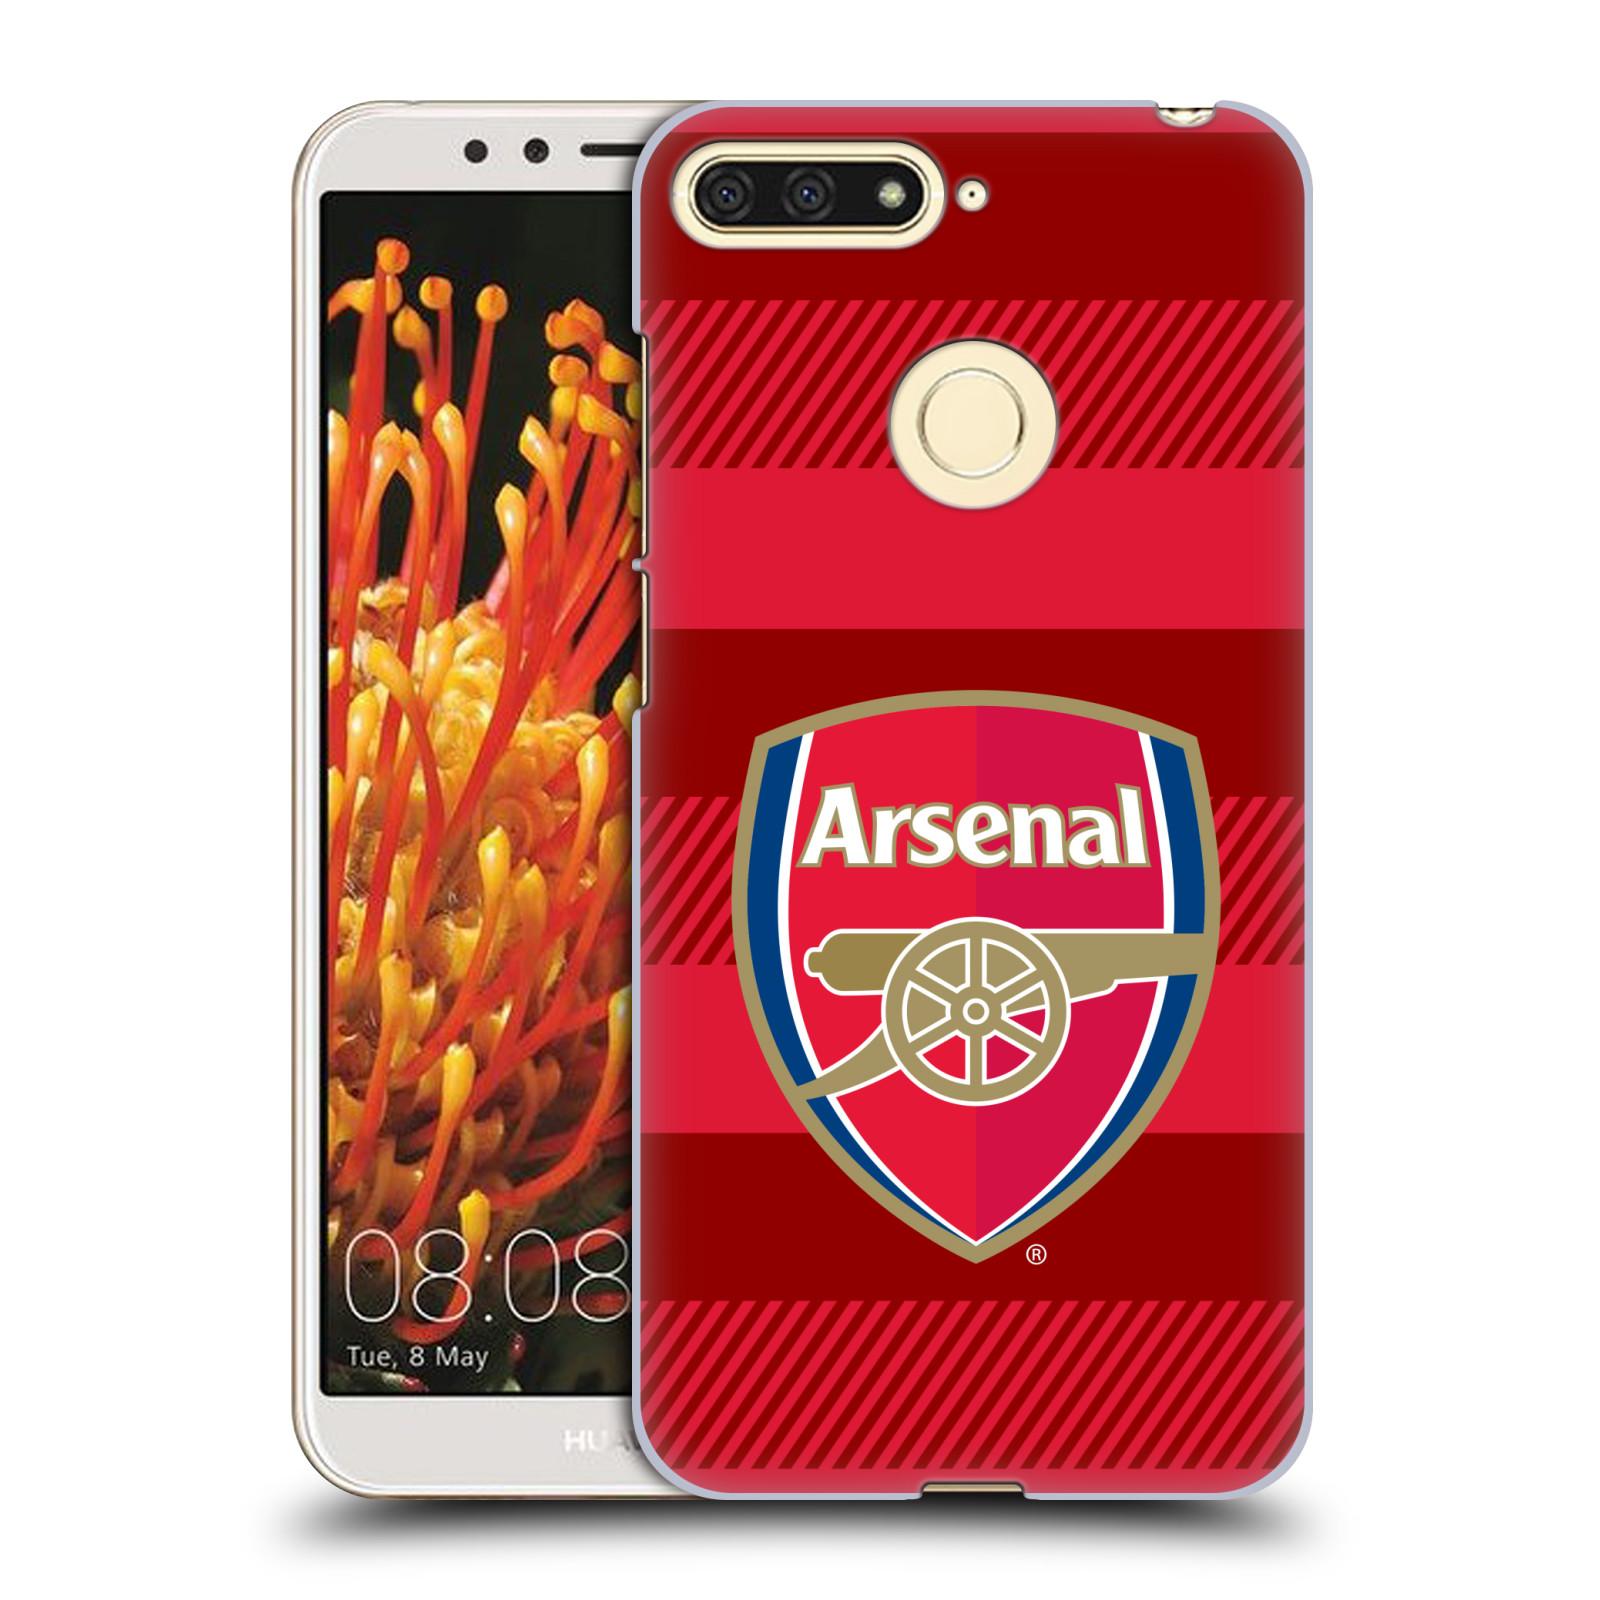 Plastové pouzdro na mobil Huawei Y6 Prime 2018 - Head Case - Arsenal FC - Logo s pruhy